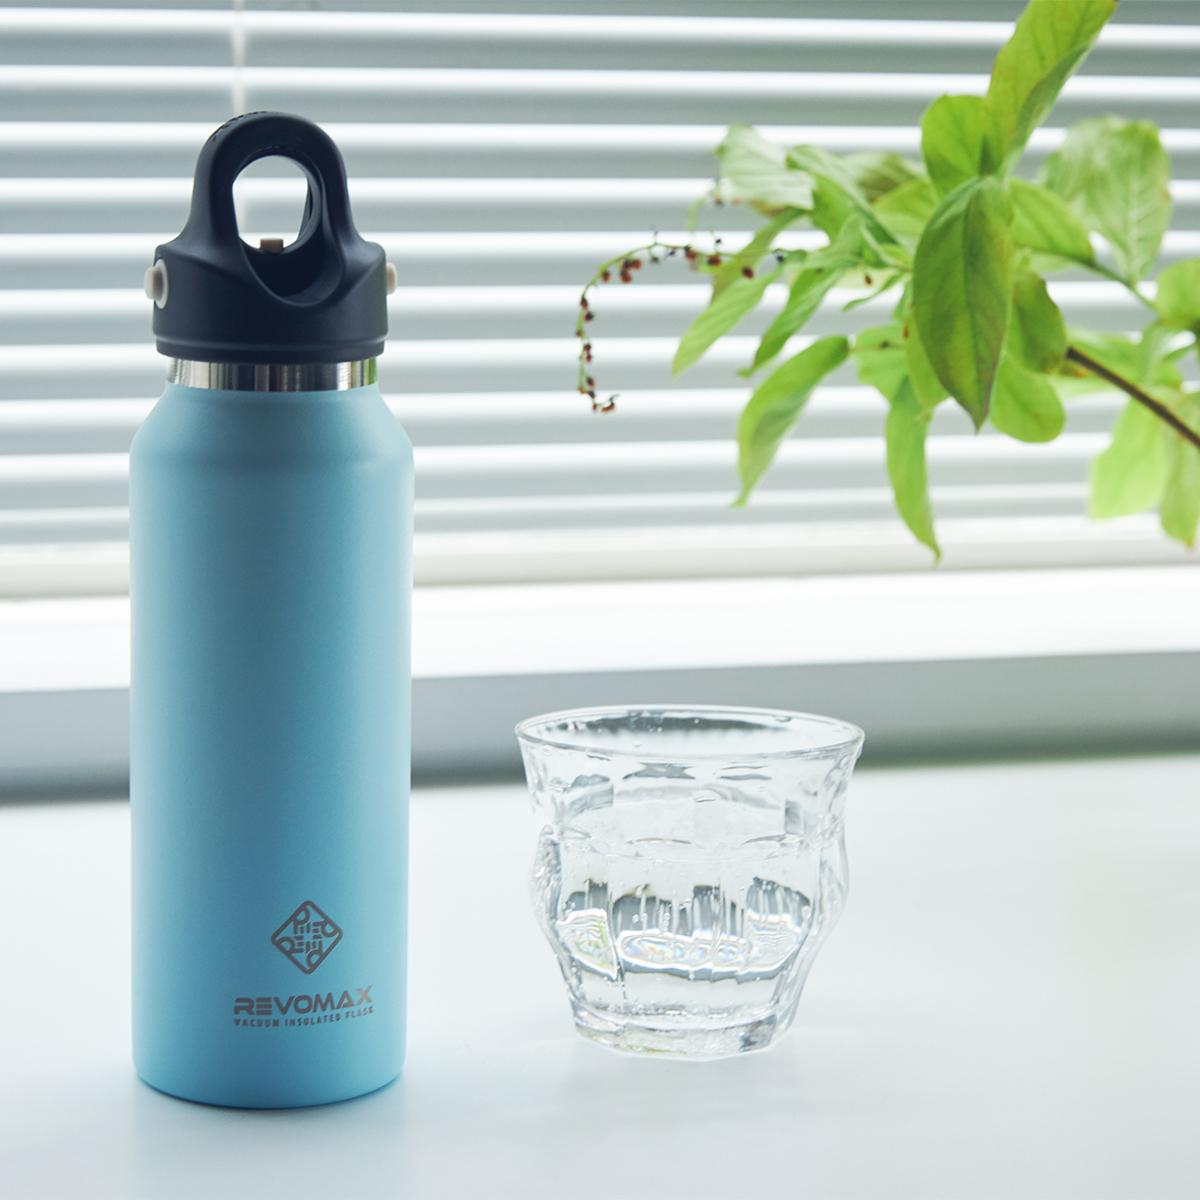 入浴前・中・後にきちんと水分補給をする少しずつ飲み続ける「点滴飲み」が必要。効果的に入浴するための7つの方法とグッズ|目の疲れや肩こりを解消、自律神経を整えたい方に